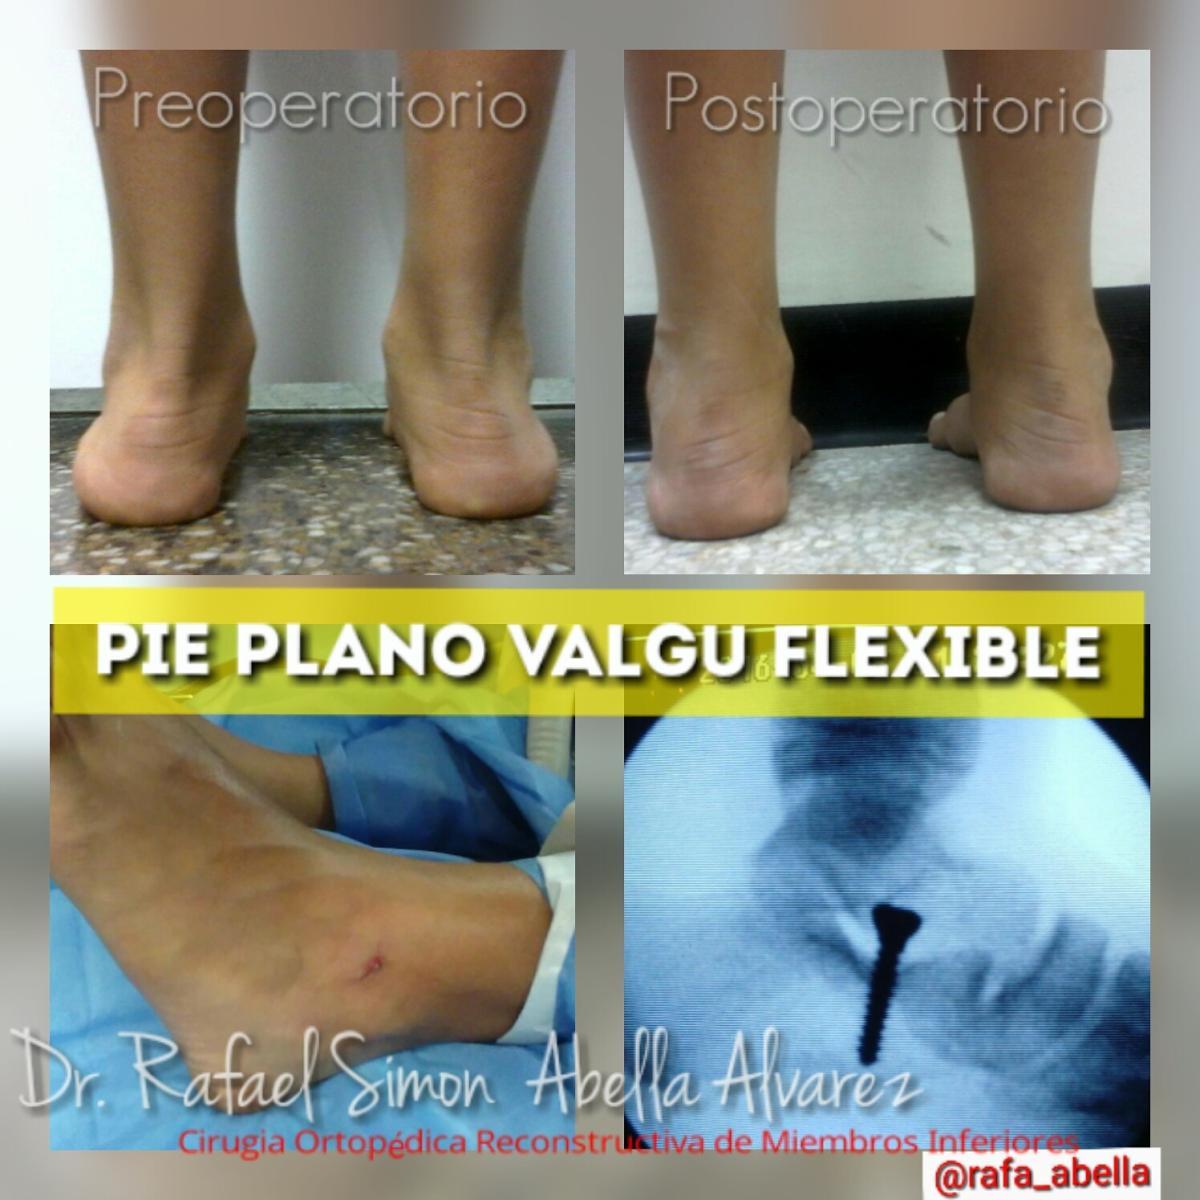 Dr rafael simon abella alvarez barquisimeto clinica idet for Operacion de pies